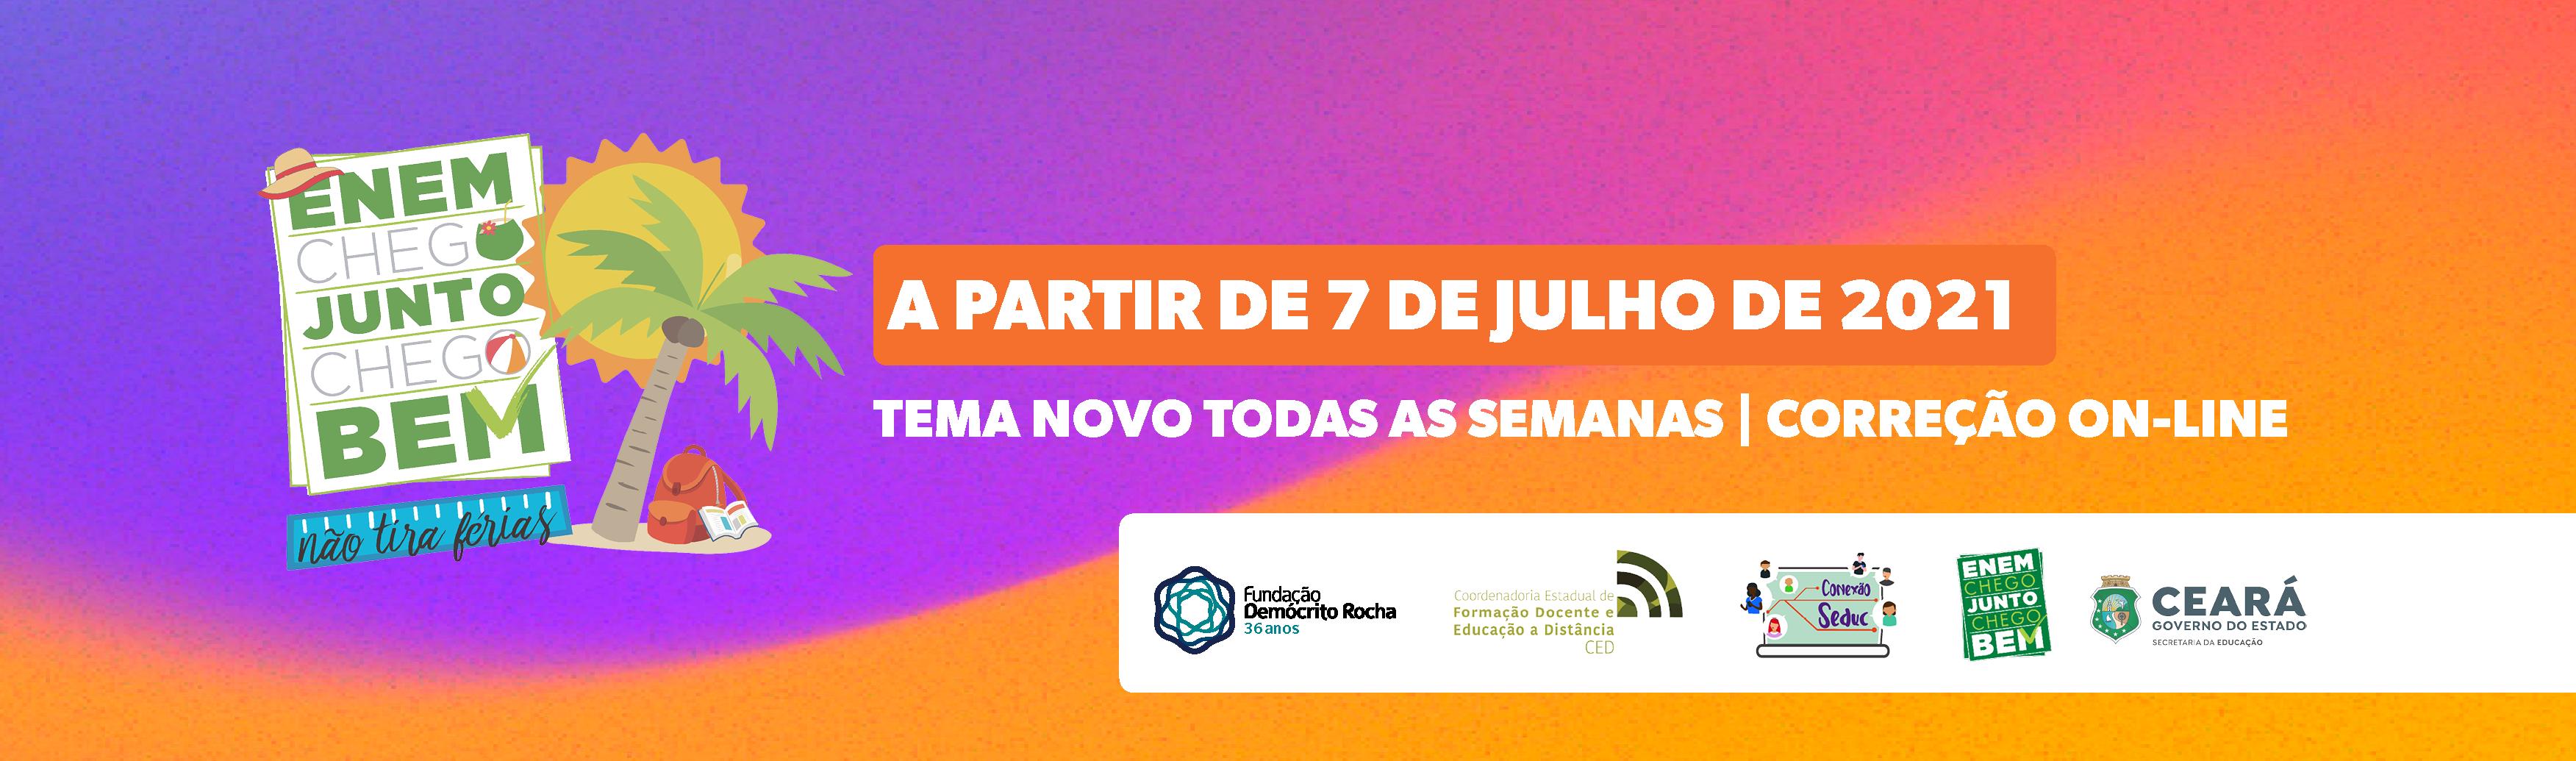 Course Image Enem MIX - 2021 - Enem Não Tira Férias